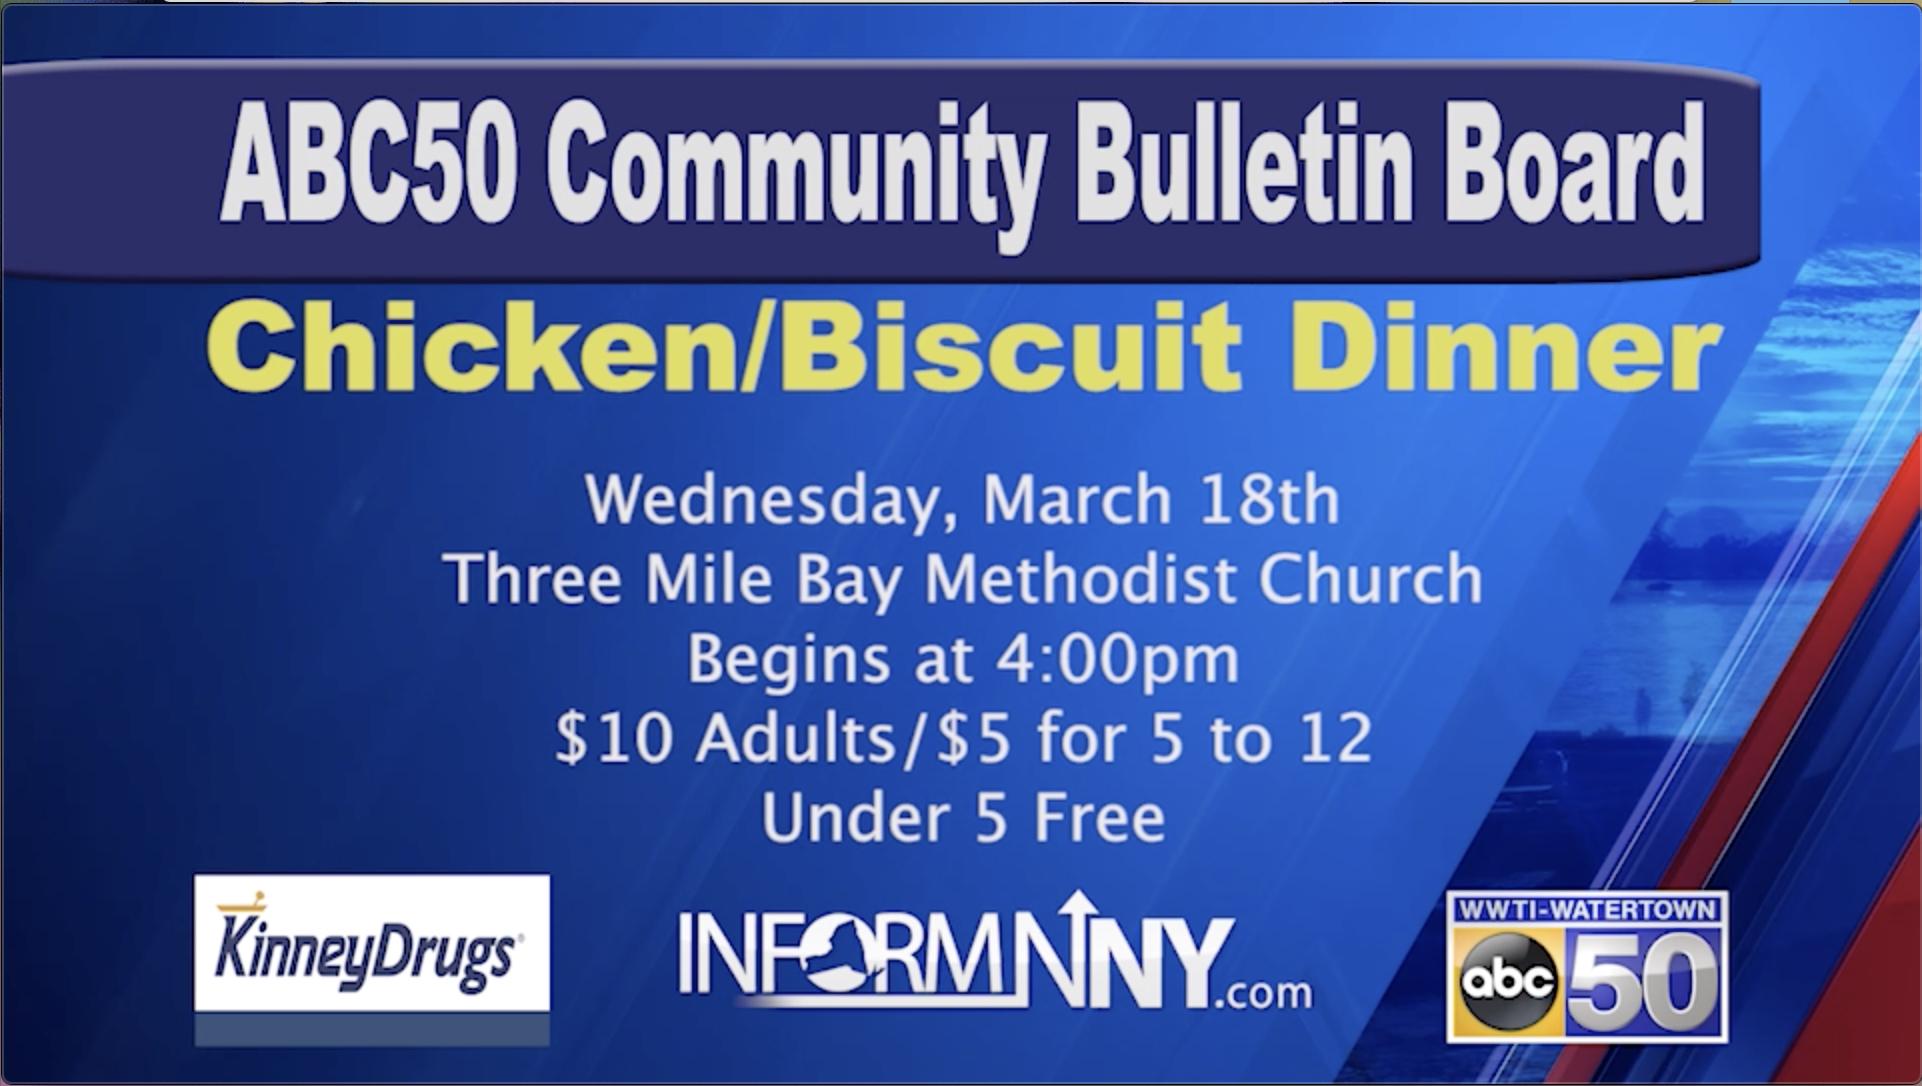 Community Calendar: Fundraiser In Watertown, Chicken